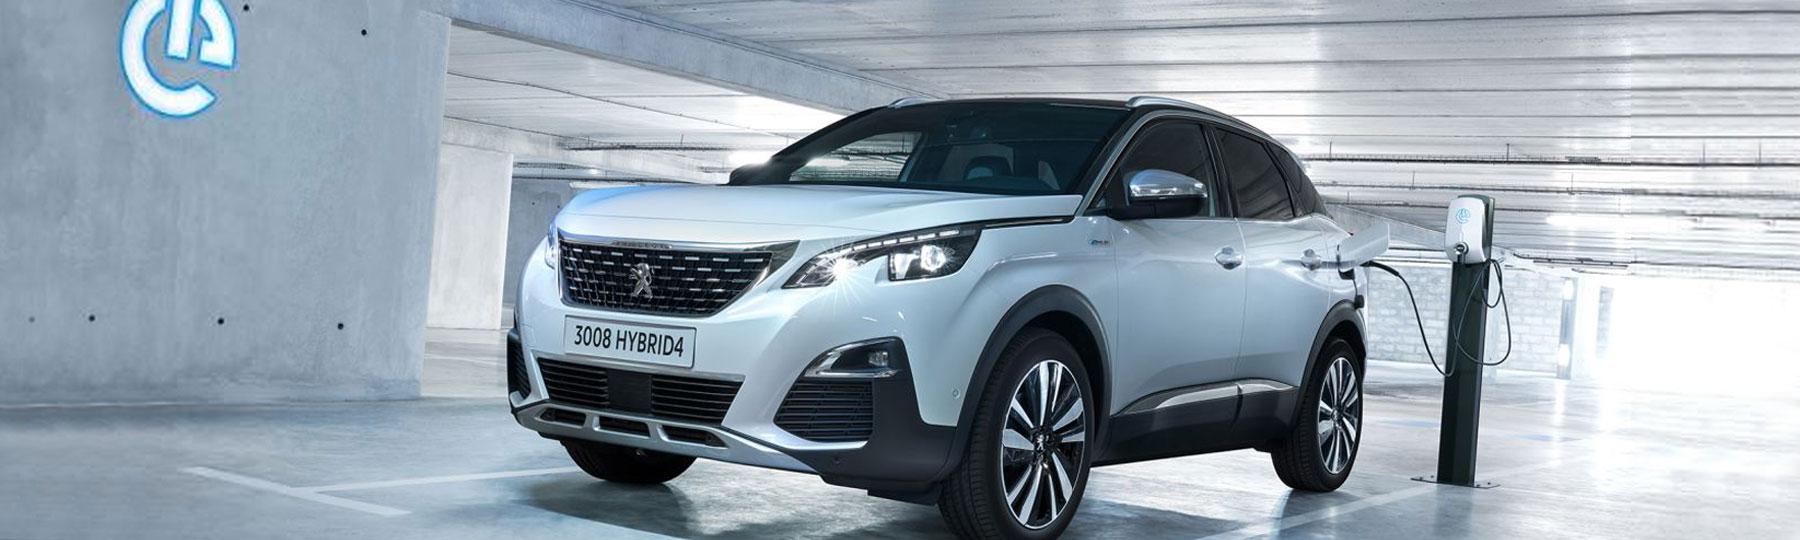 Peugeot 3008 SUV Hybrid New Car Offer